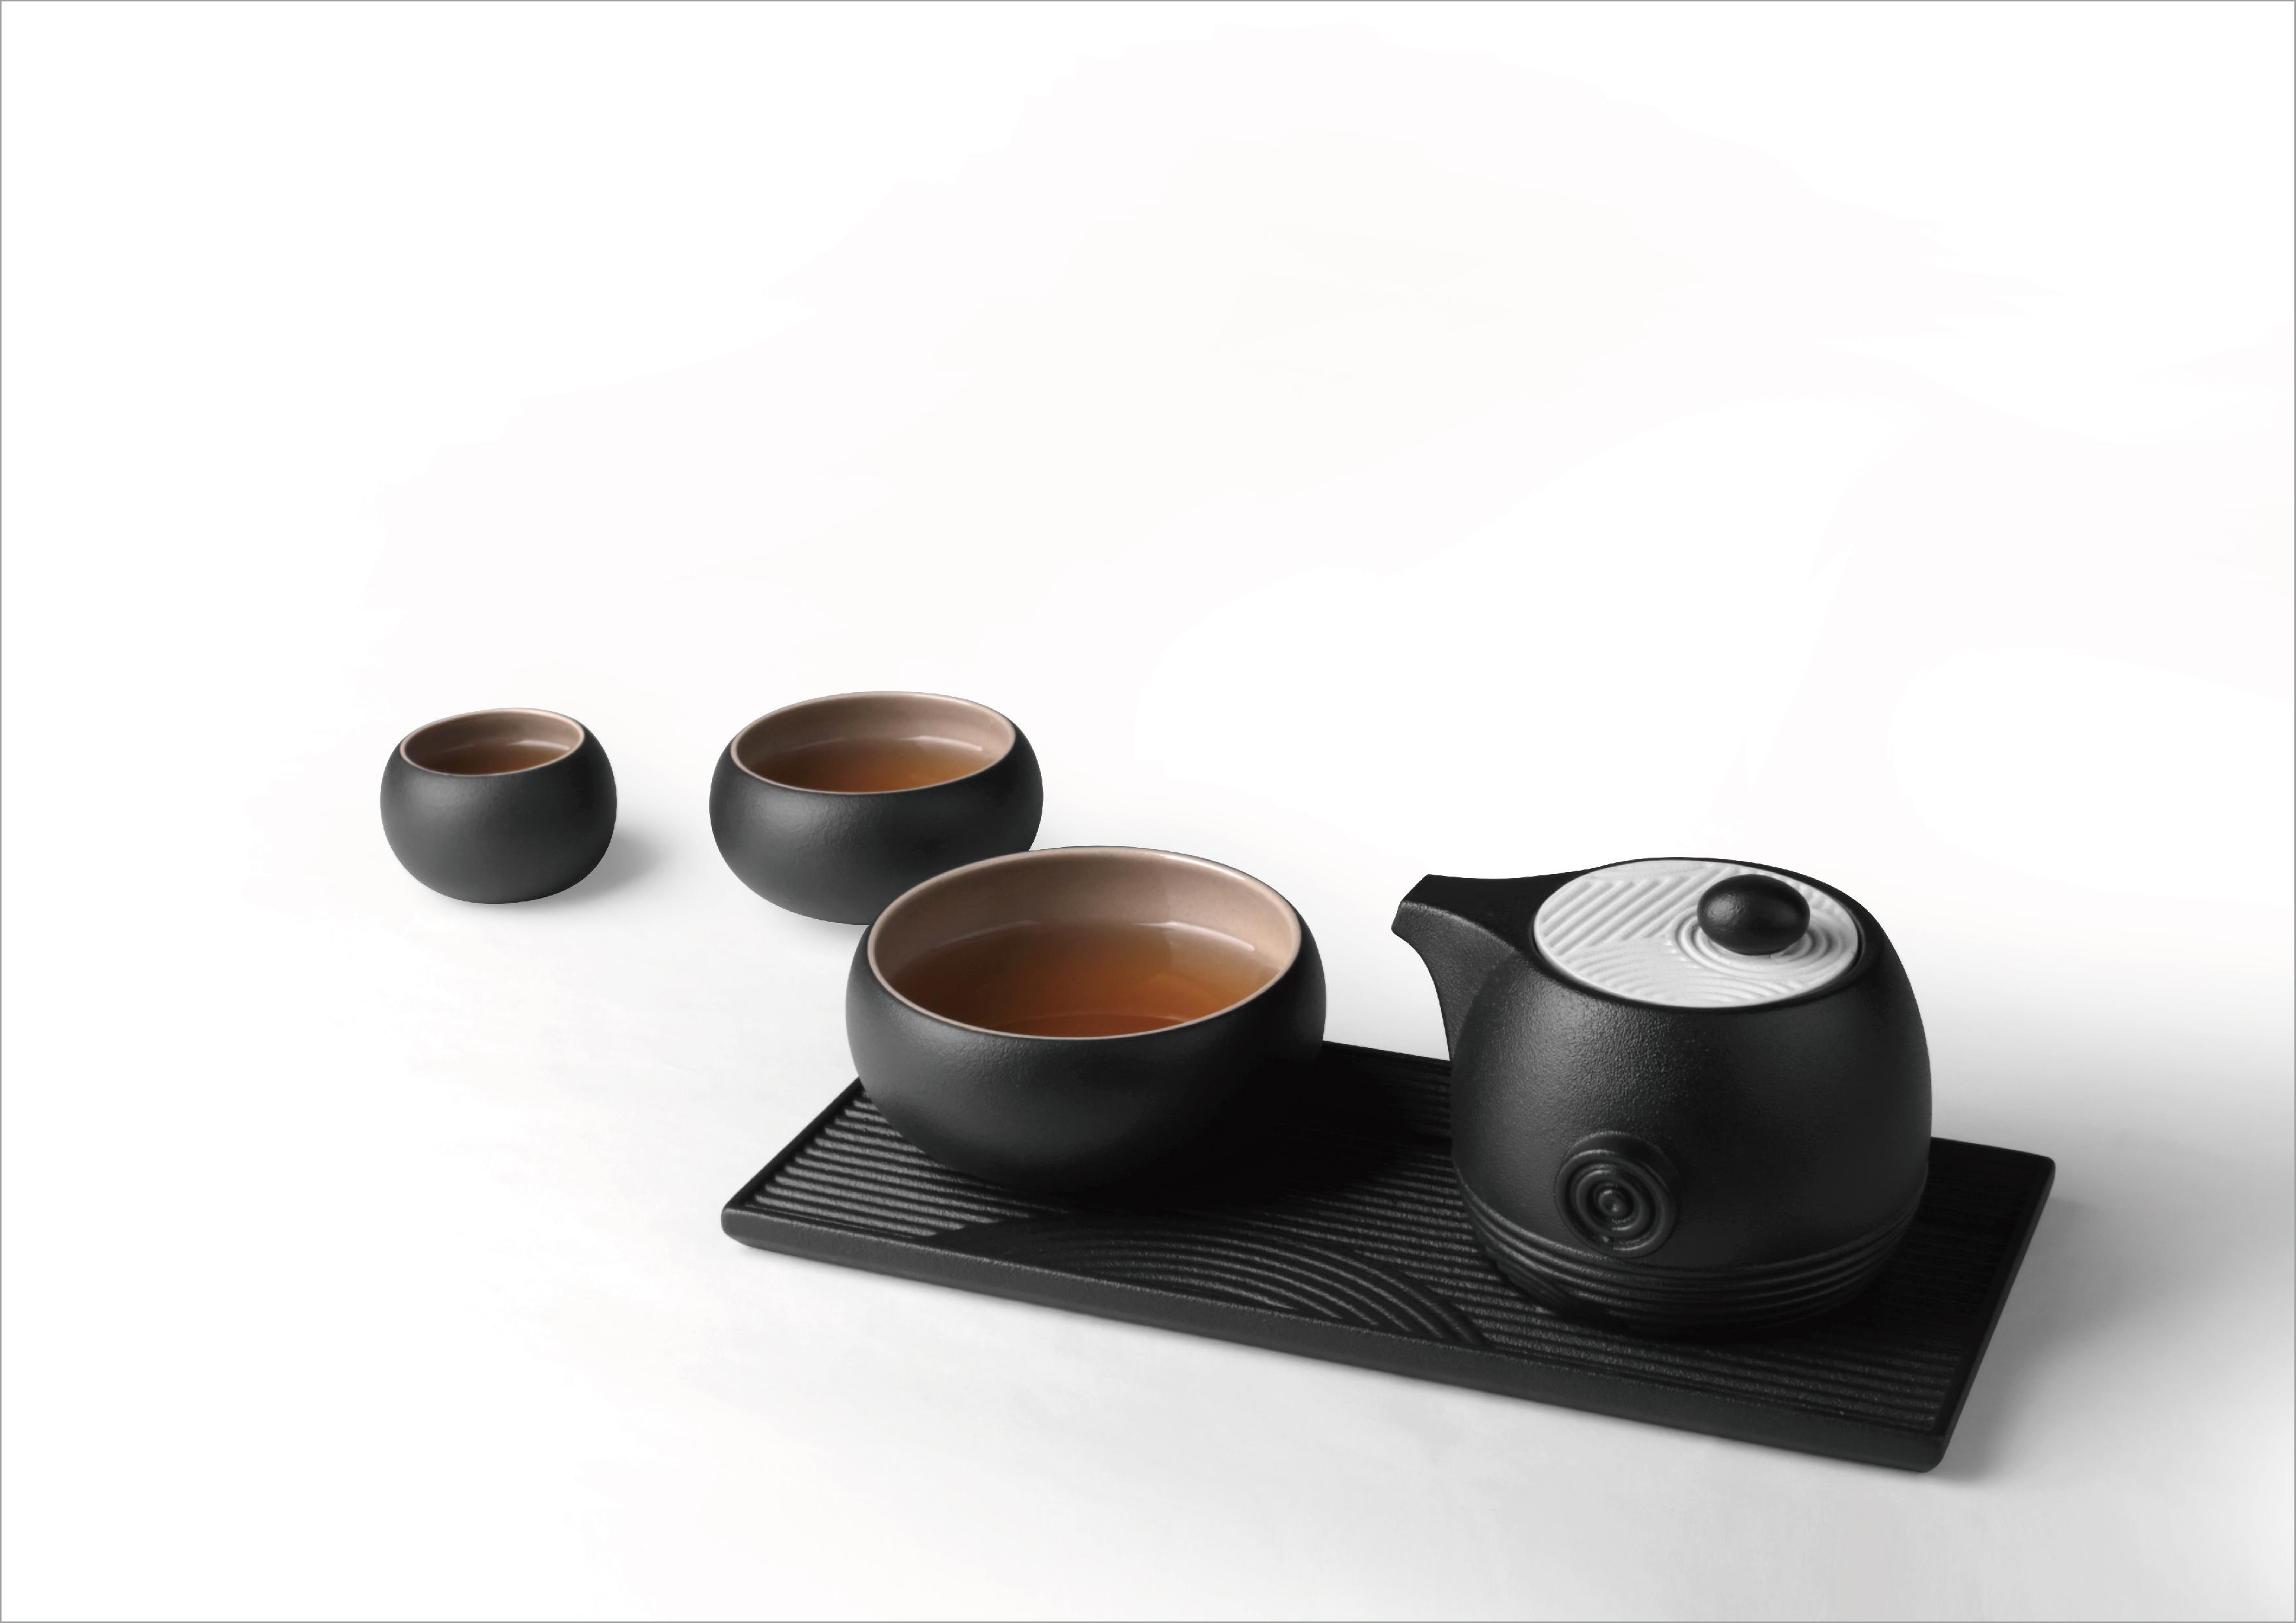 The Swirl-Zen Garden tea set